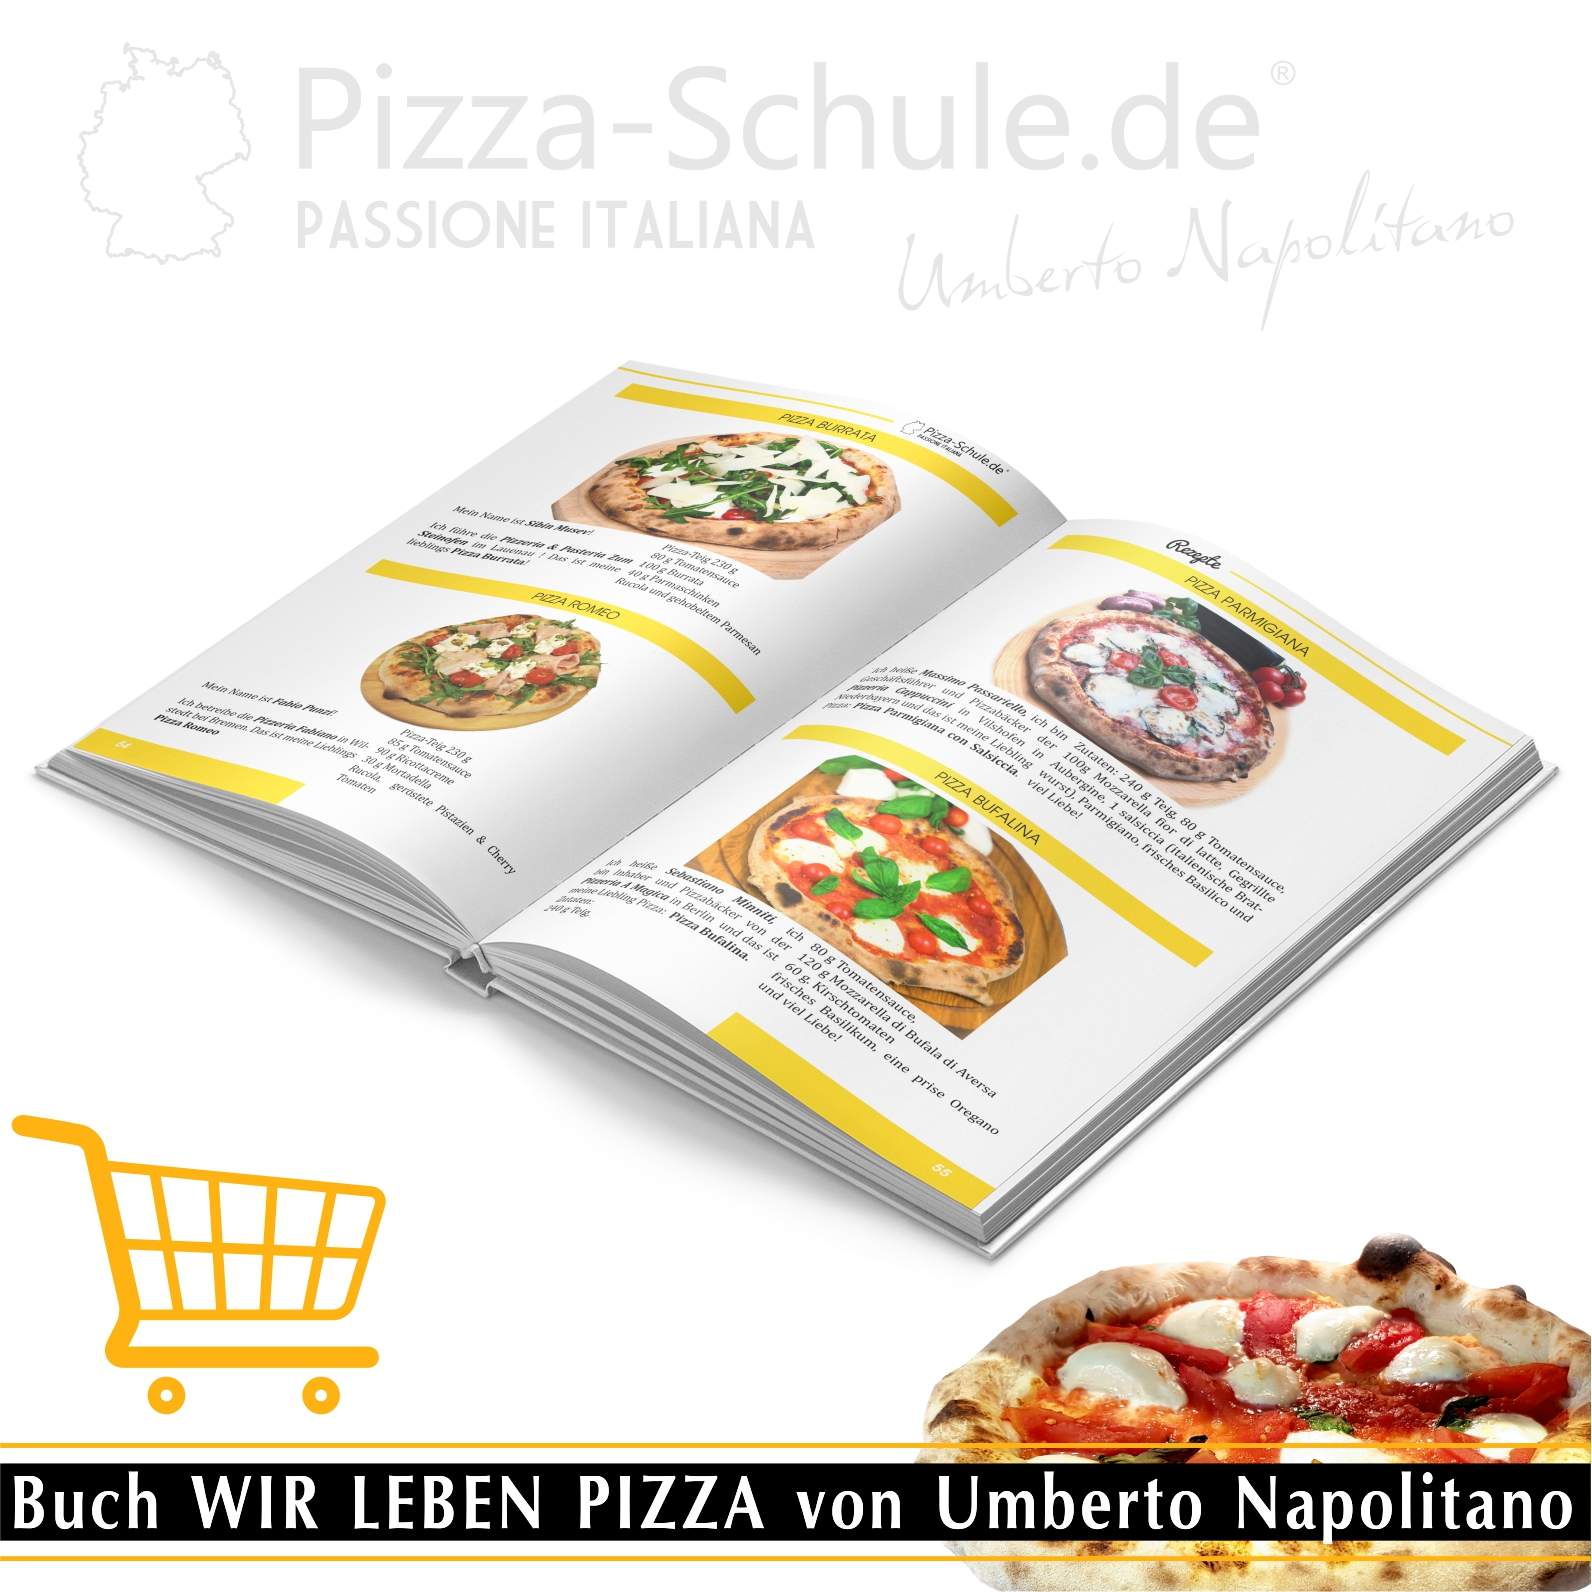 Buch WIR LEBEN PIZZA von Umberto Napolitano